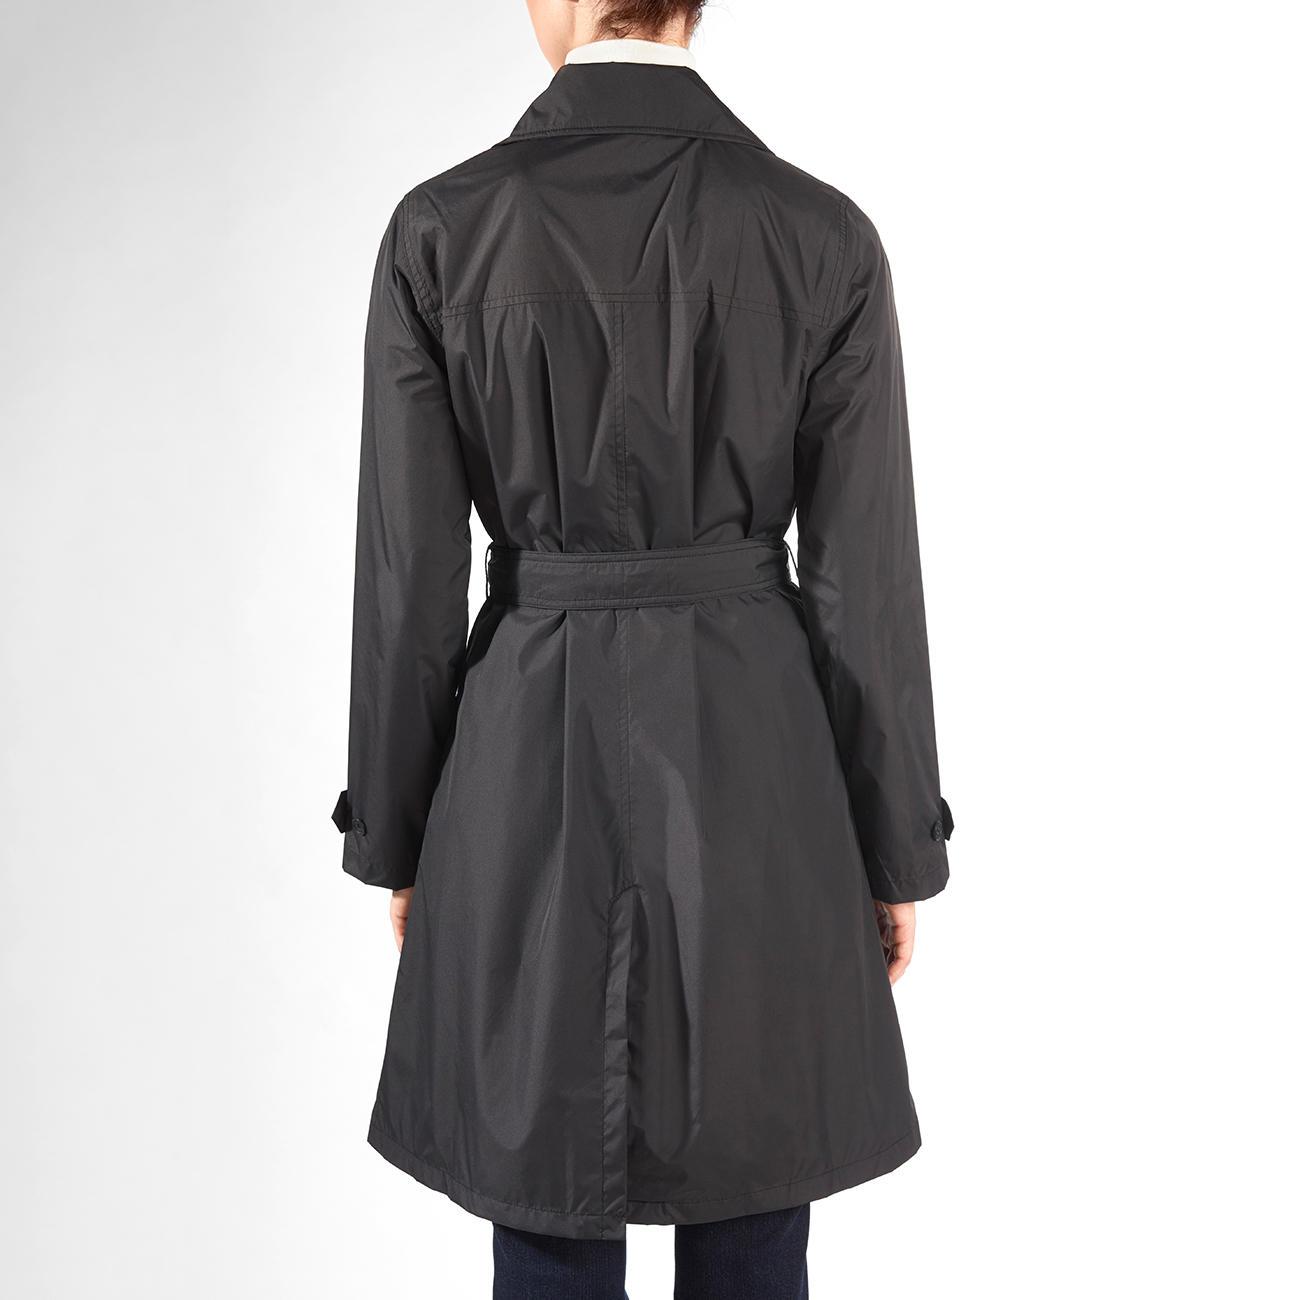 new style 4acb7 5ae7e Knirps® Regen-Trenchcoat, Damen | Klassiker entdecken